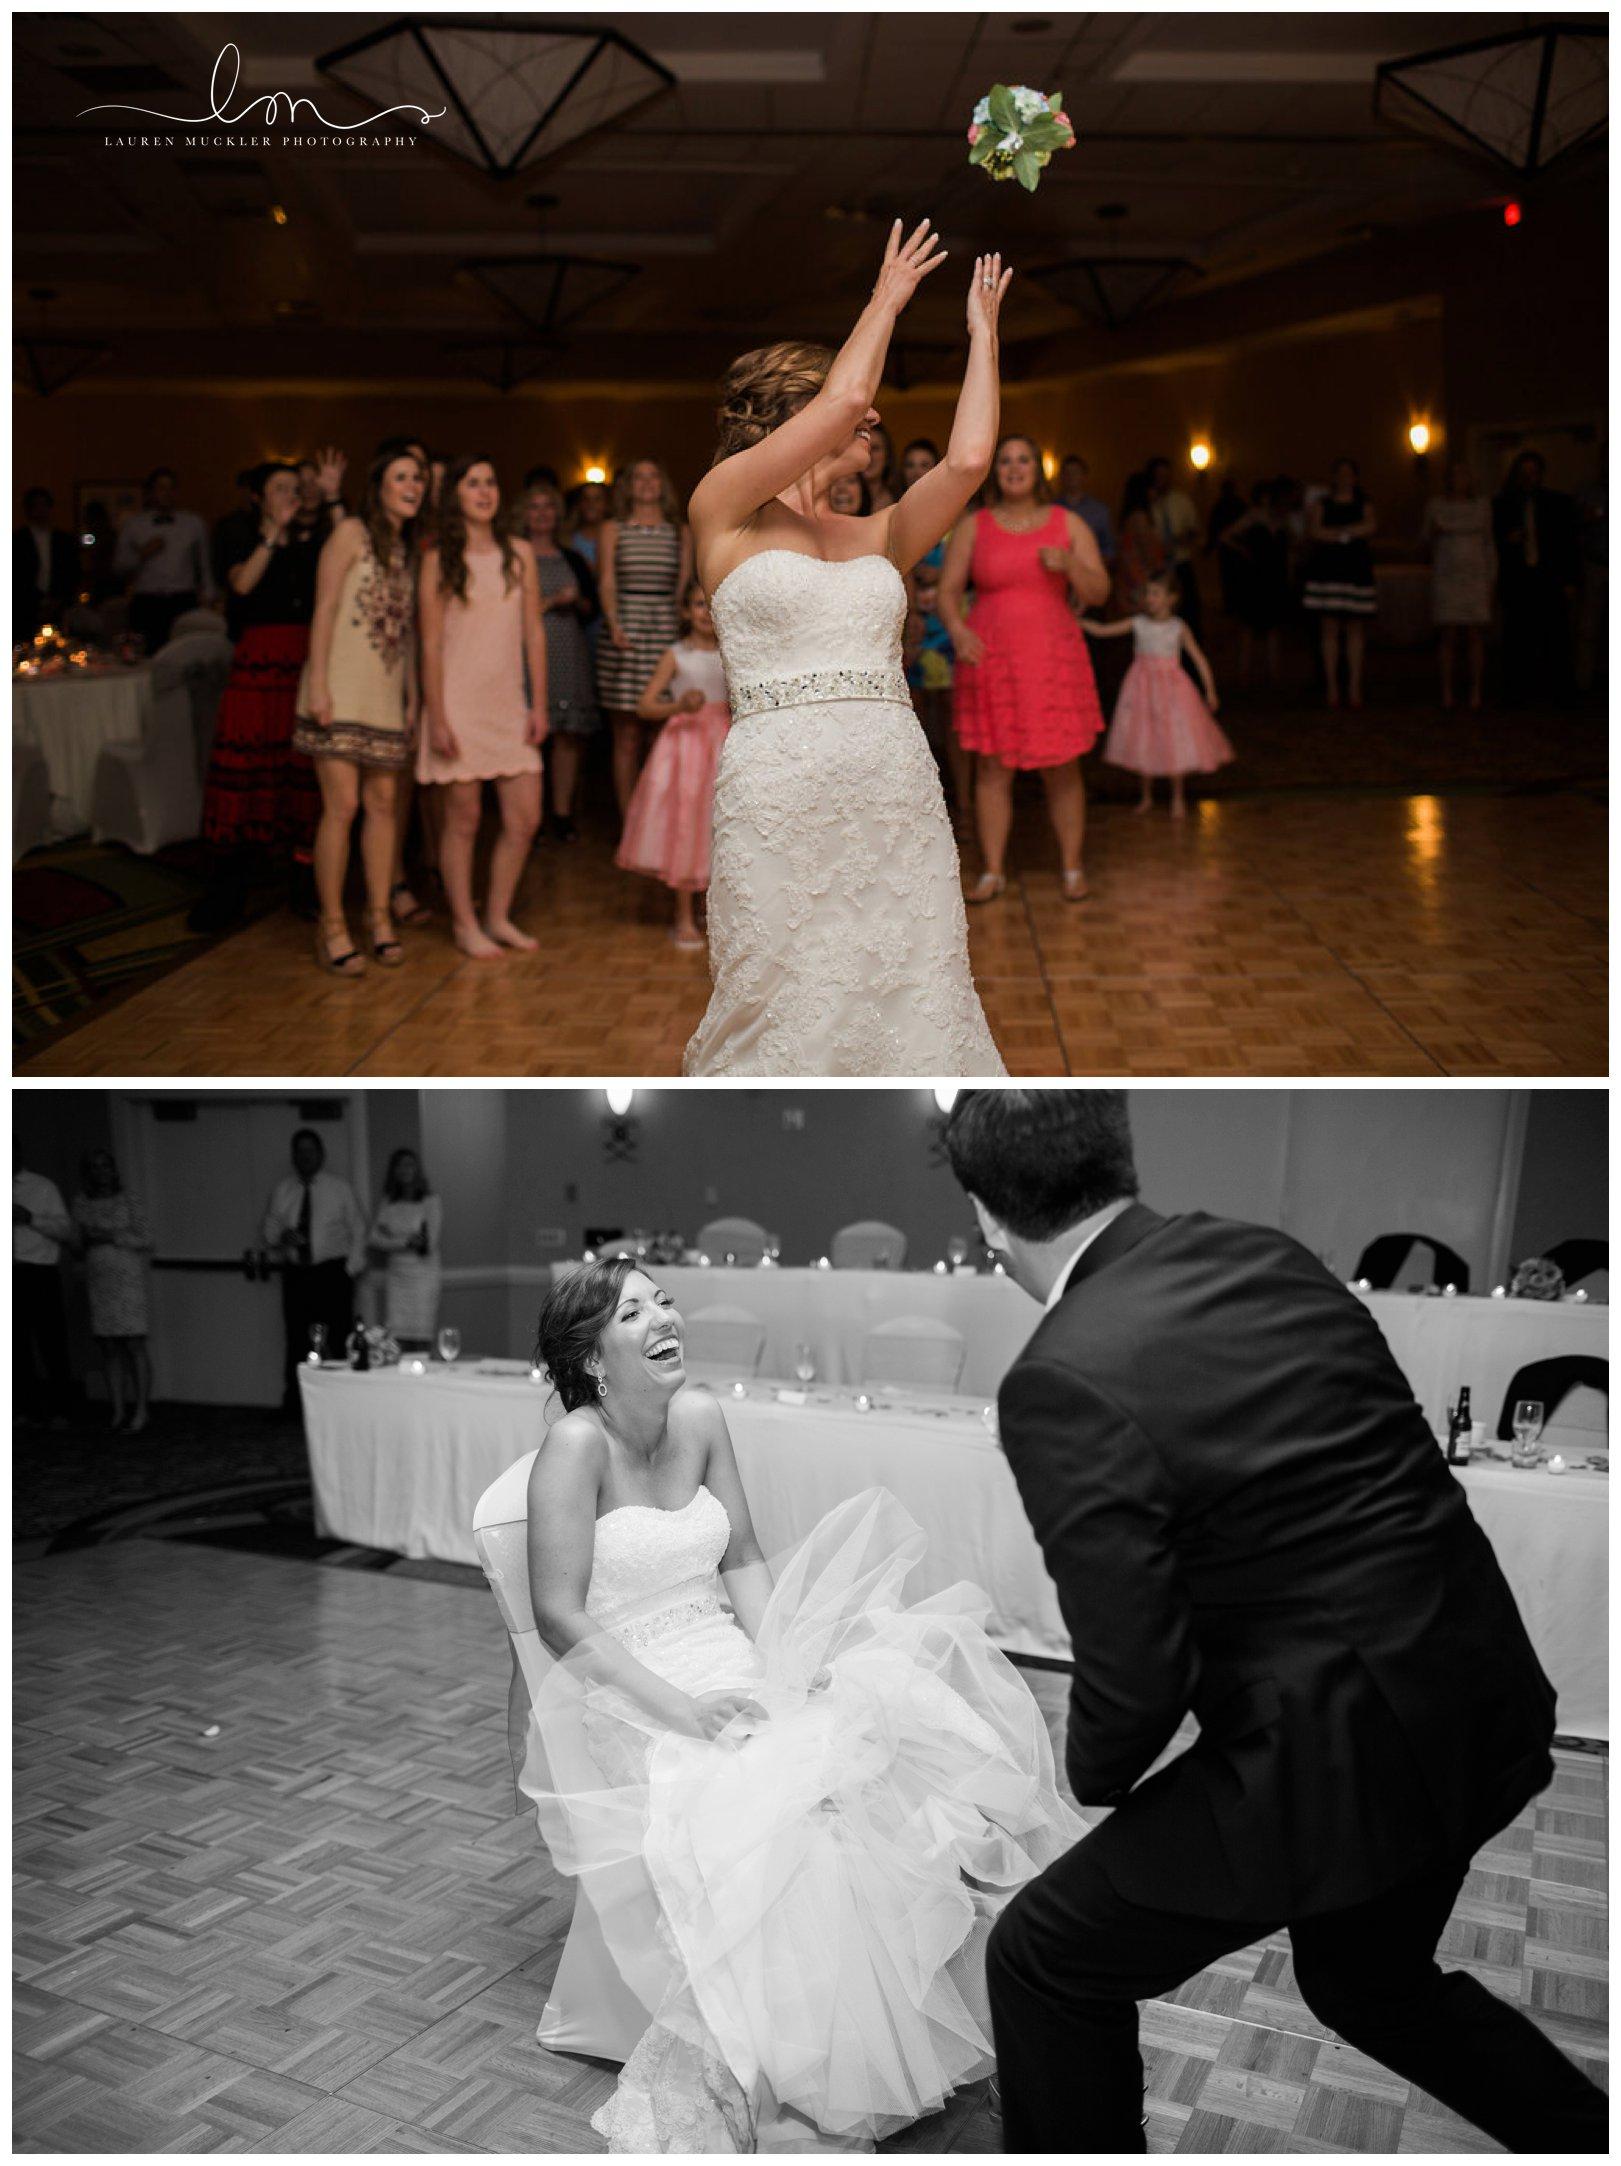 lauren muckler photography_fine art film wedding photography_st louis_photography_0029.jpg